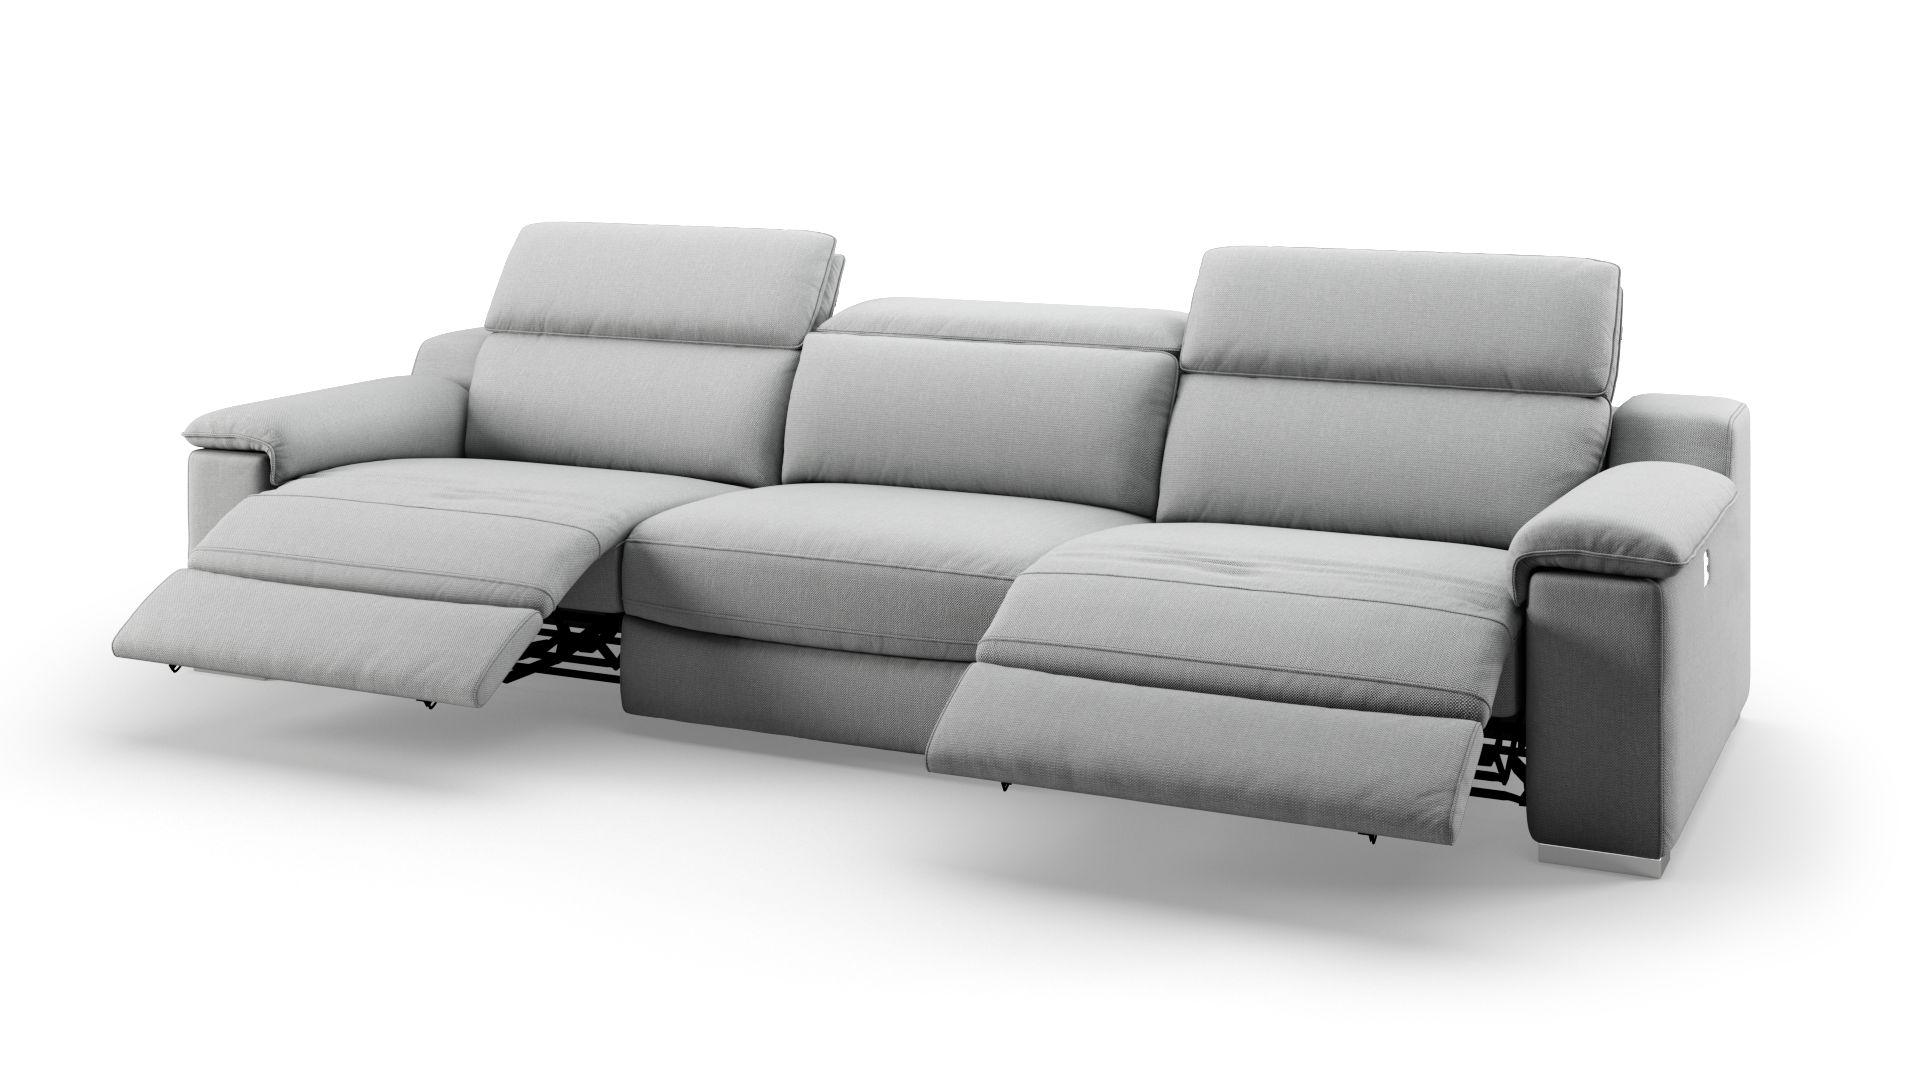 Full Size of Ikea Nockeby 3 Sitzer Sofa Grau Und 2 Sessel Leder Mit Schlaffunktion Federkern Bettkasten Klippan Rot Relaxfunktion Elektrisch Bettfunktion Xxl Stoff Sofanella Sofa 3 Sitzer Sofa